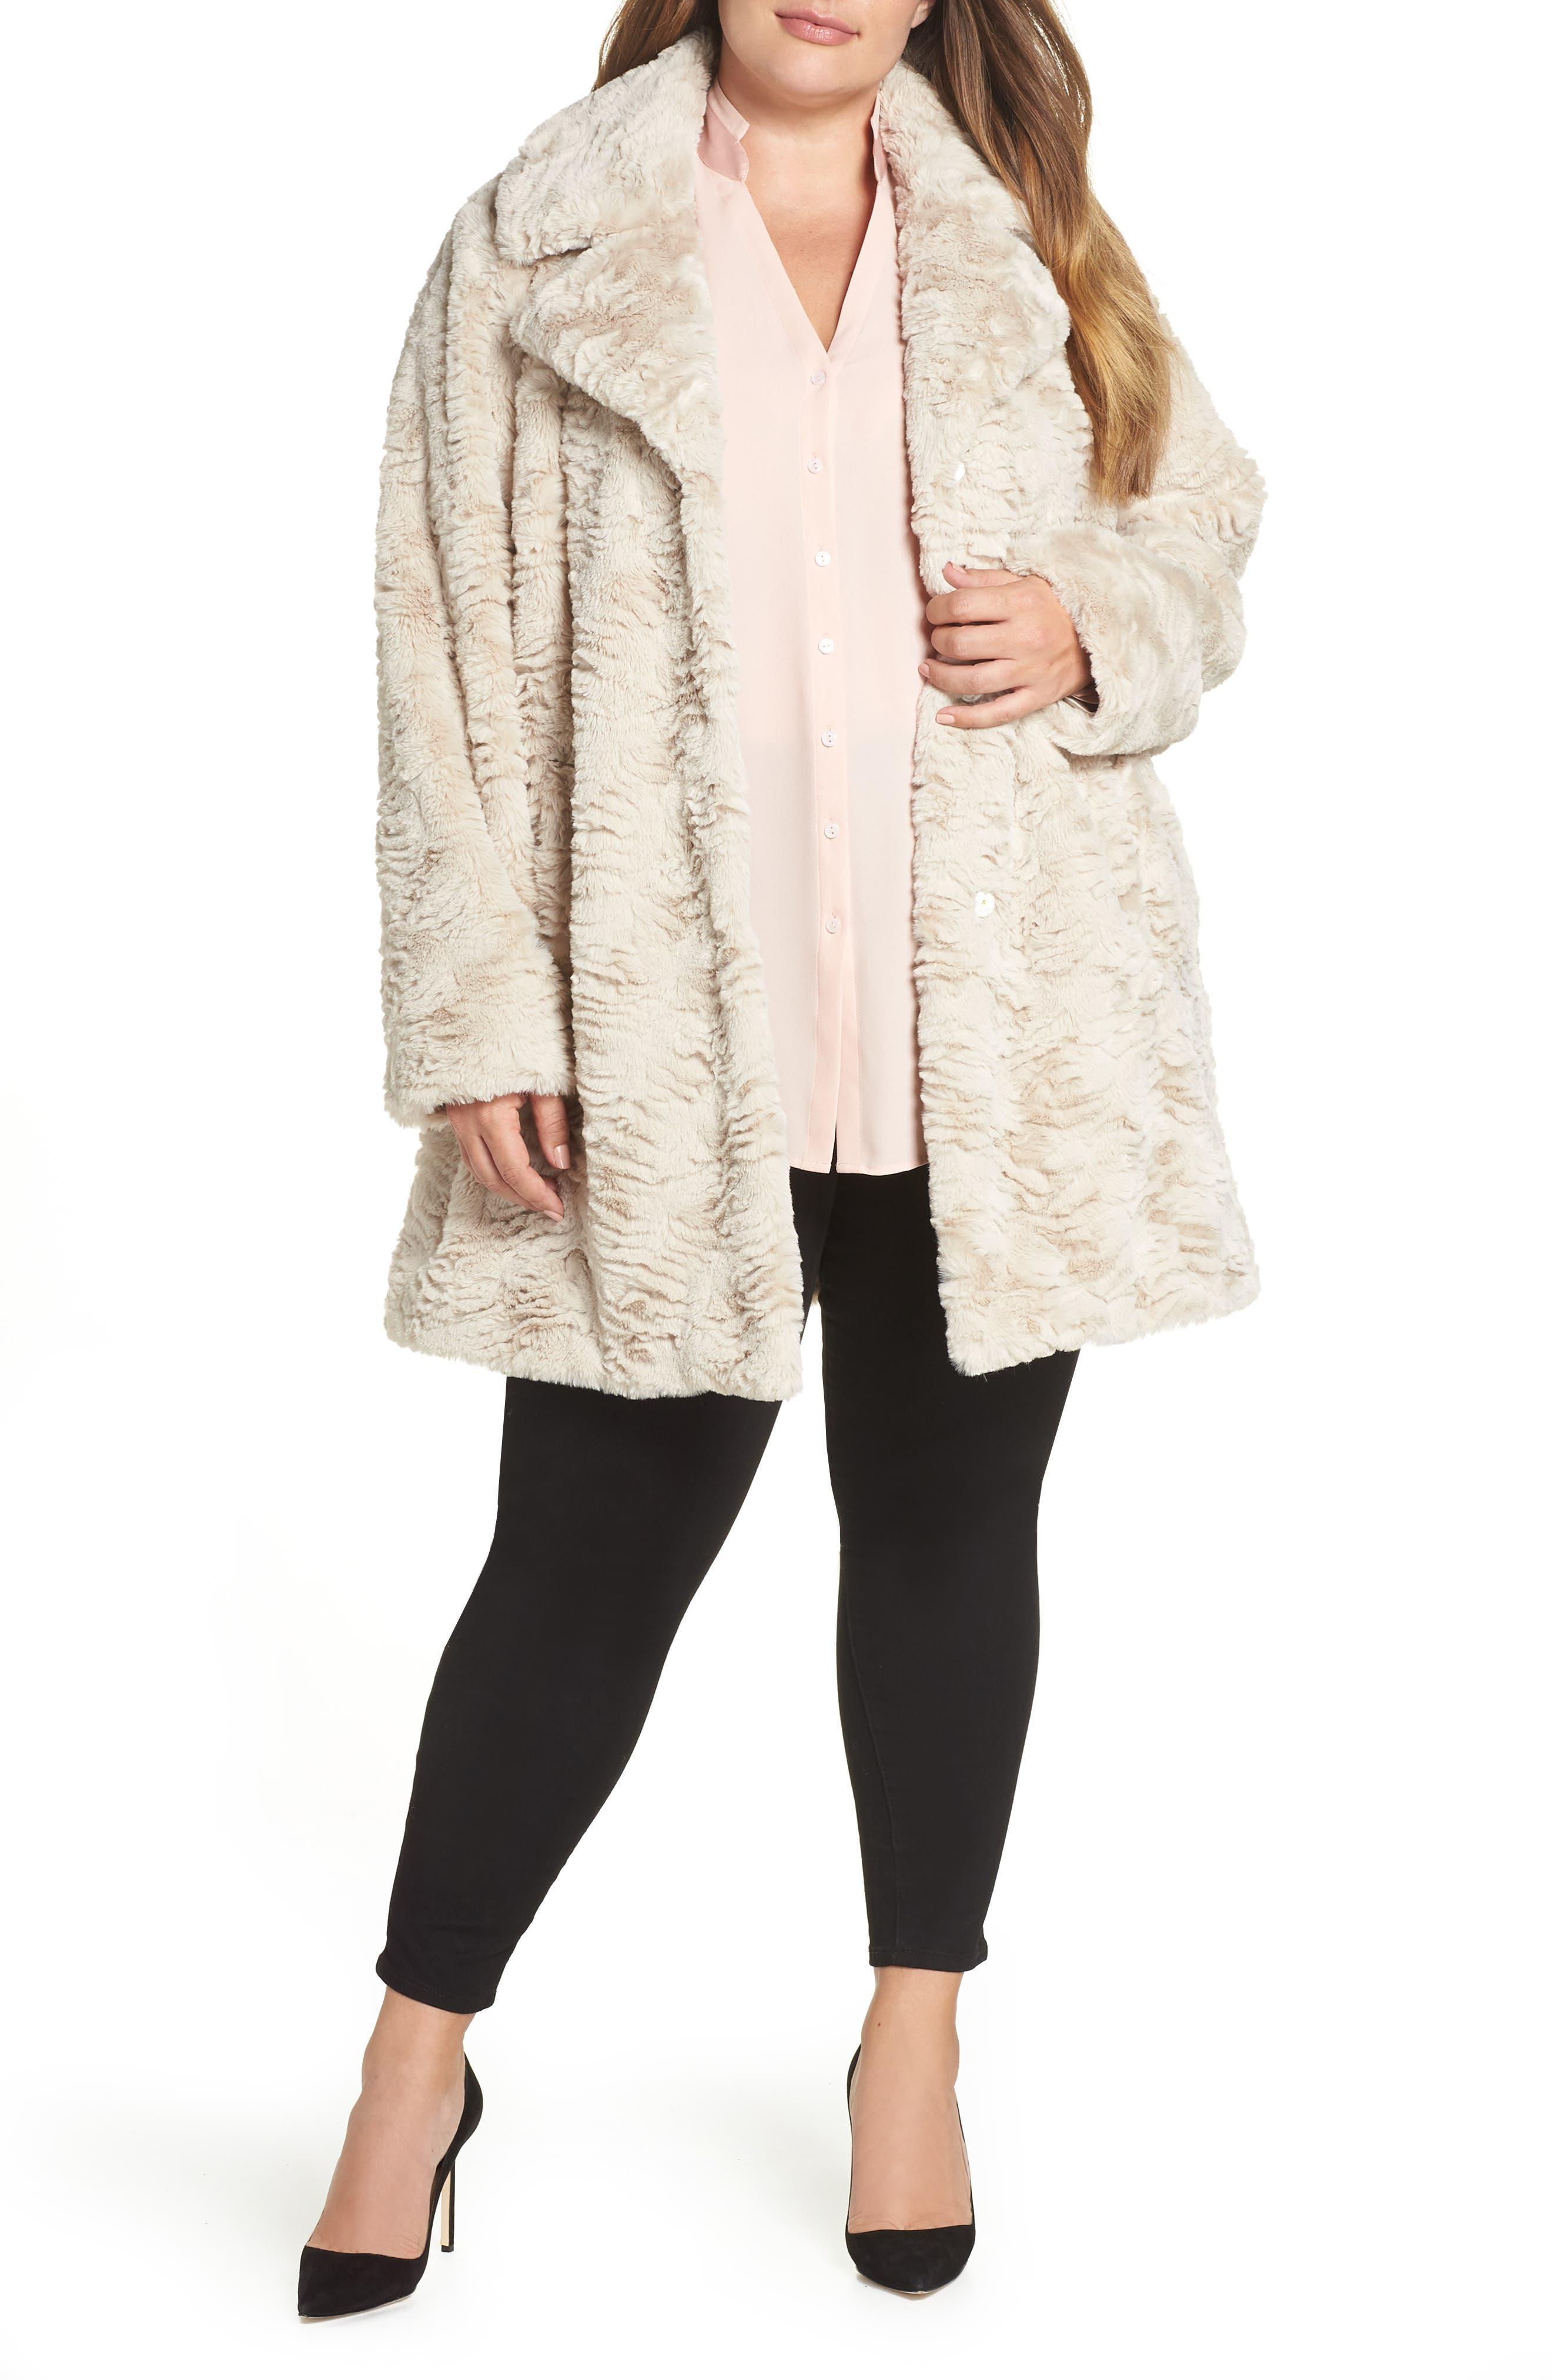 Wubby Faux Fur Coat,                         Main,                         color, SAND